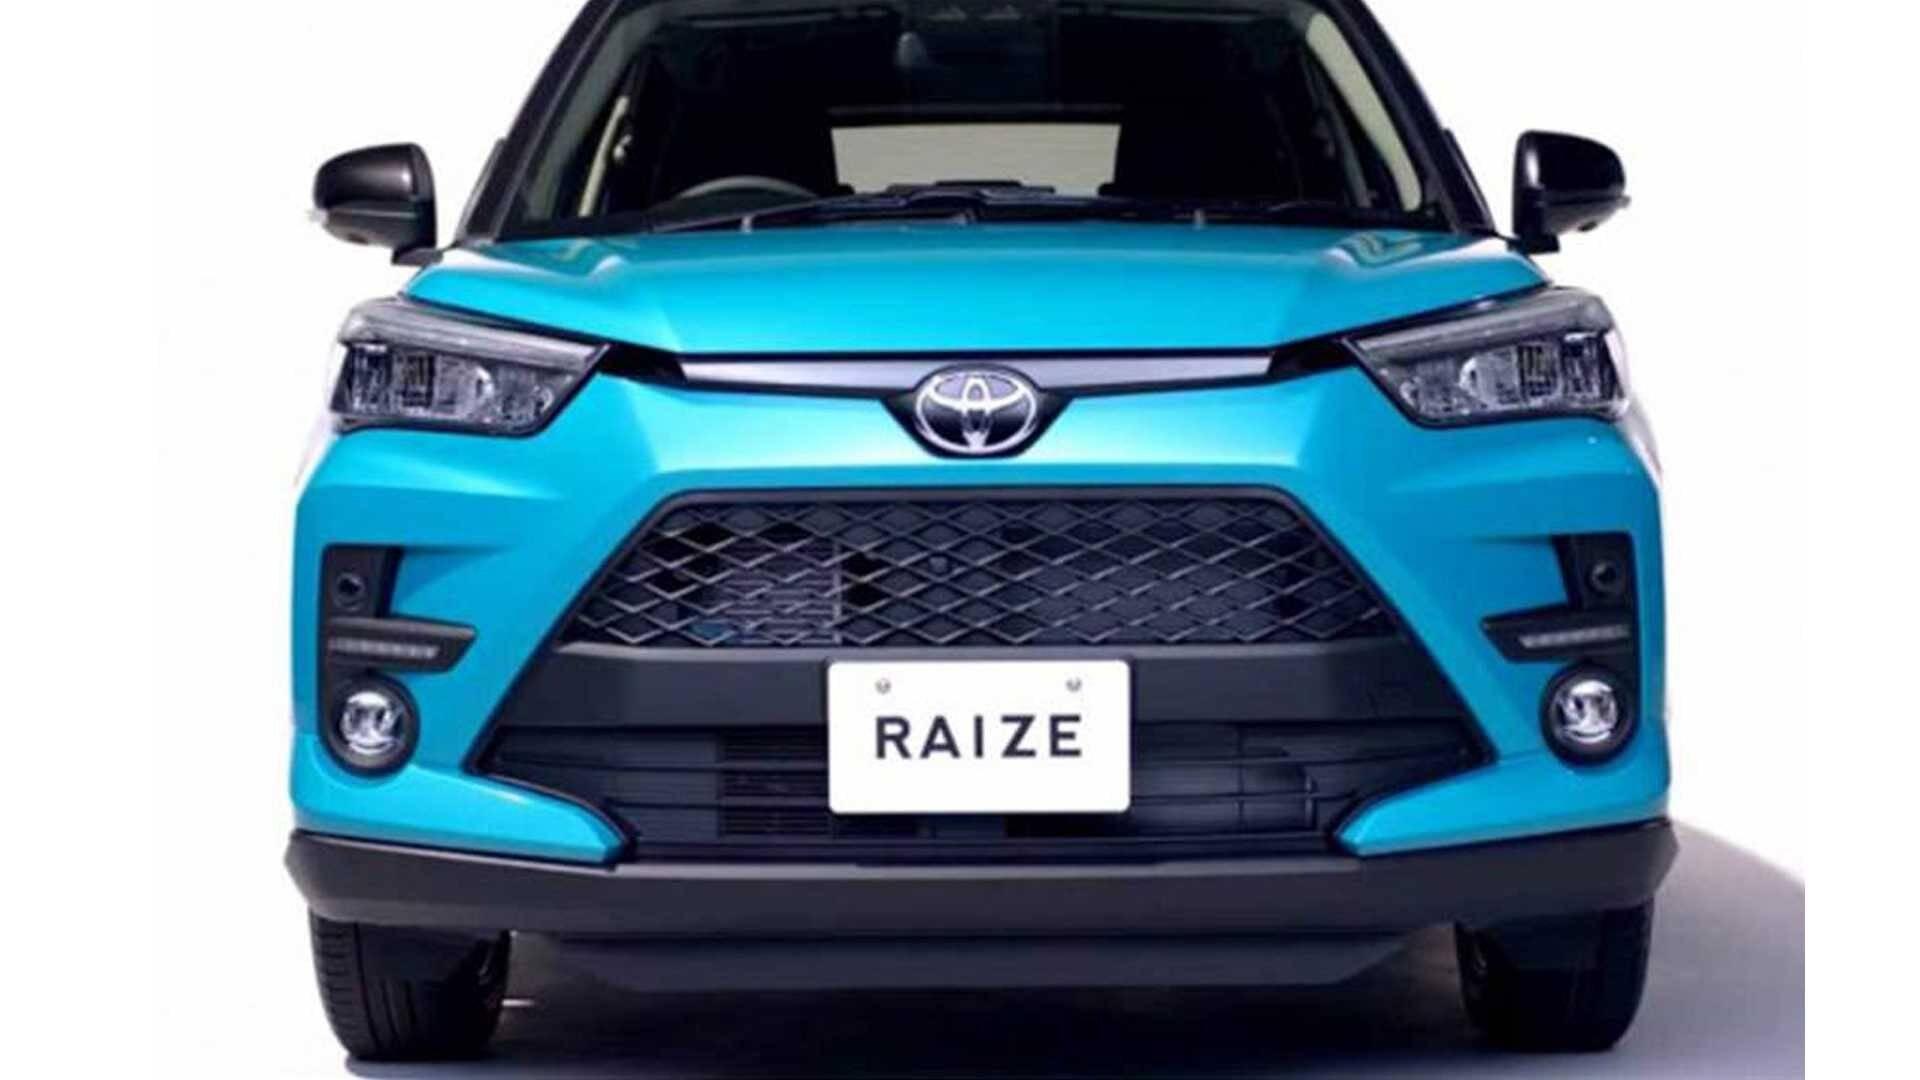 Vazam Fotos Do Novo Suv Da Toyota Que Deve Ser Feito No Brasil A Partir De 2021 Segredos Ig